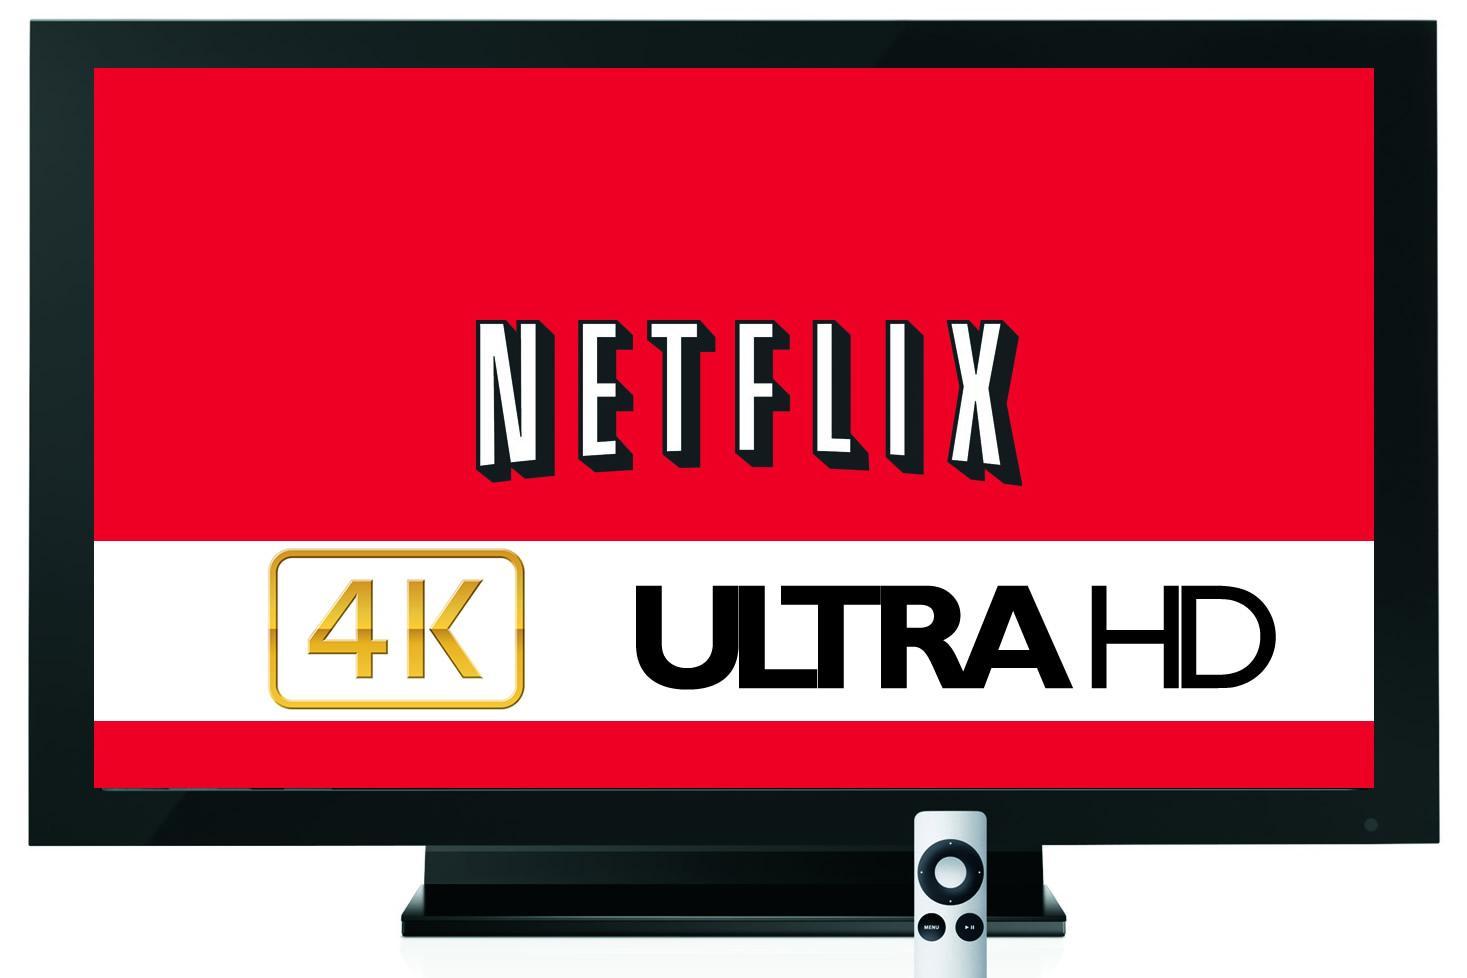 netflix-4k-ultra-HD-List